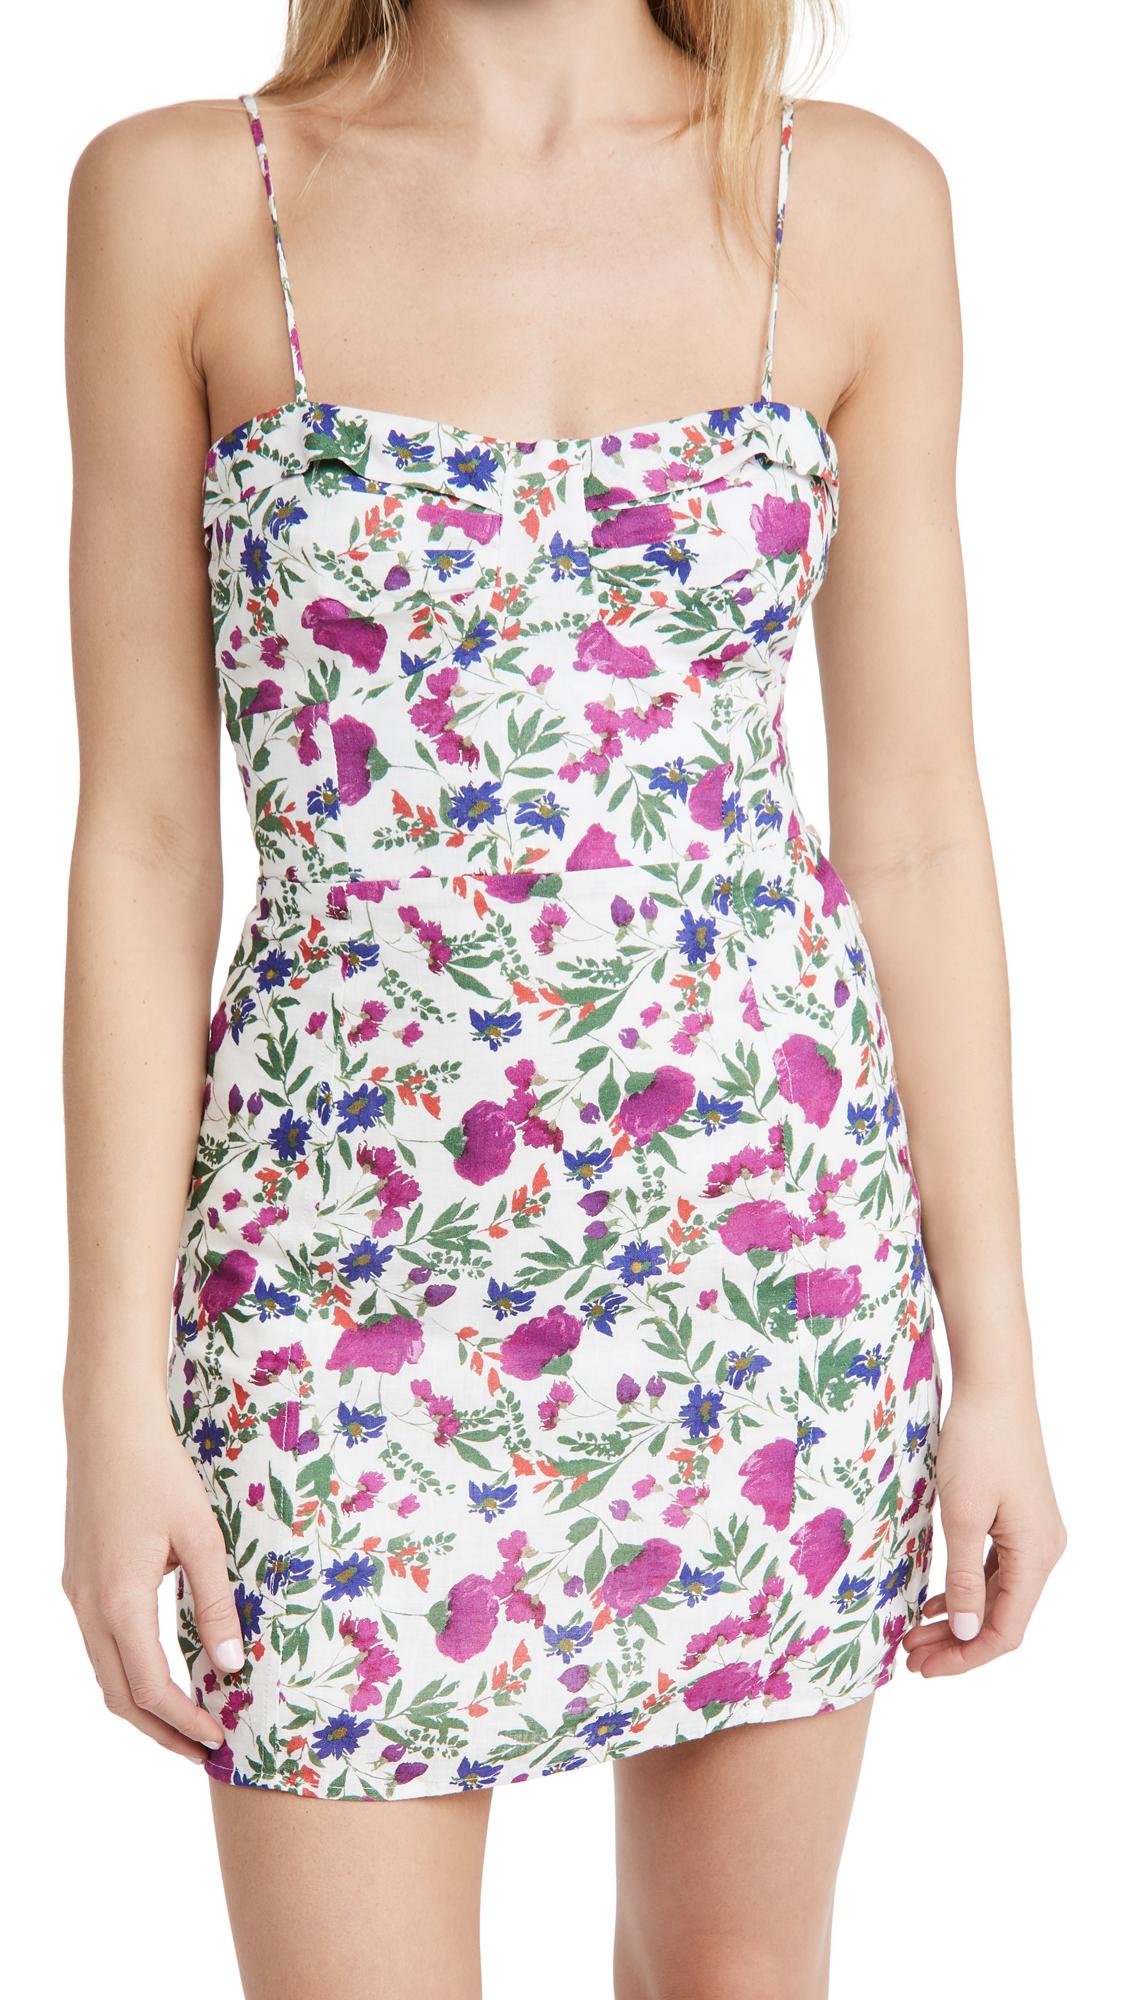 ViX Swimwear Clover Yama Short Dress